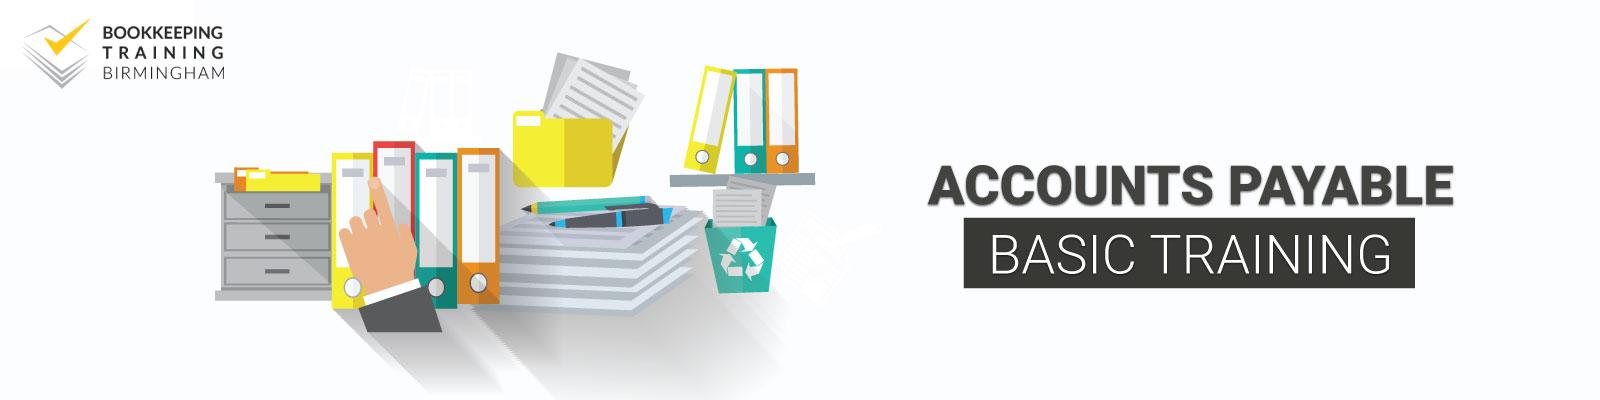 accounts-payable-basic-training